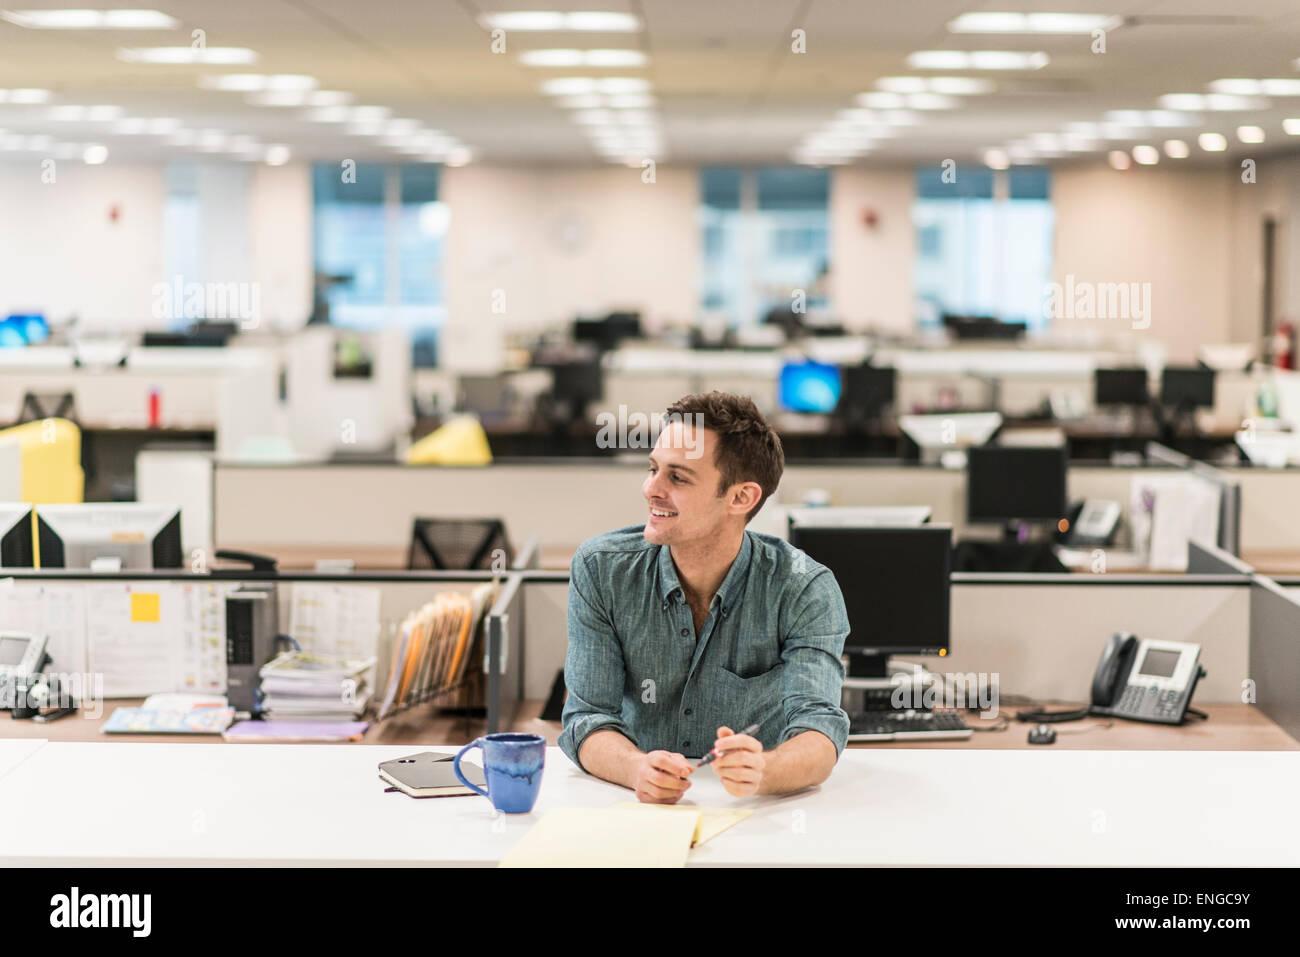 Un giovane uomo seduto ad una scrivania in un ufficio. Immagini Stock